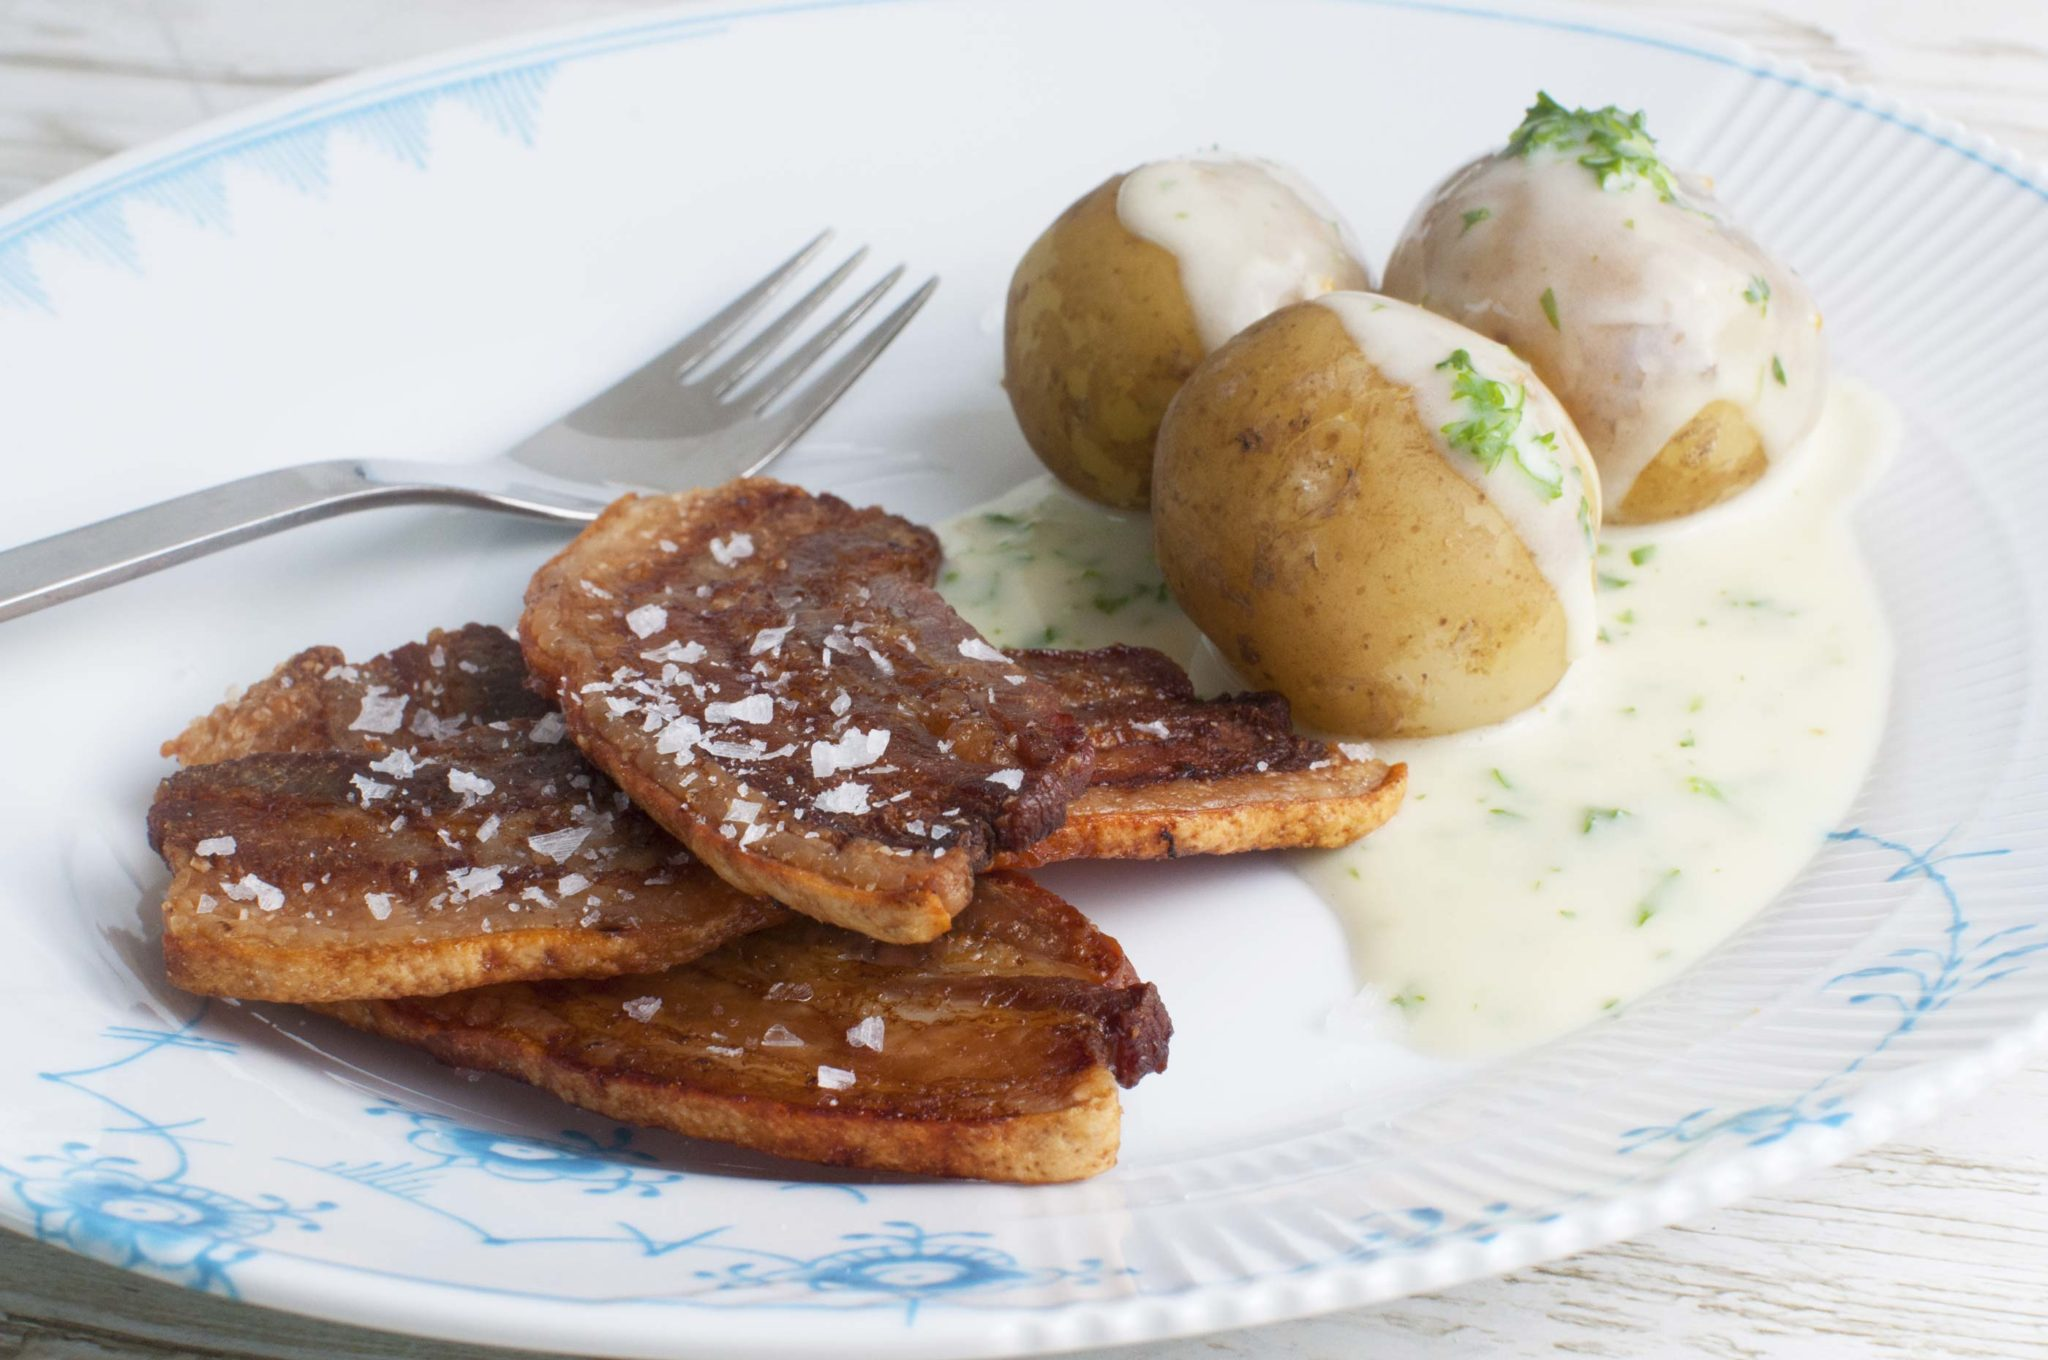 Stegt flæsk med persillesovs i ovnen - den helt klassiske opskrift